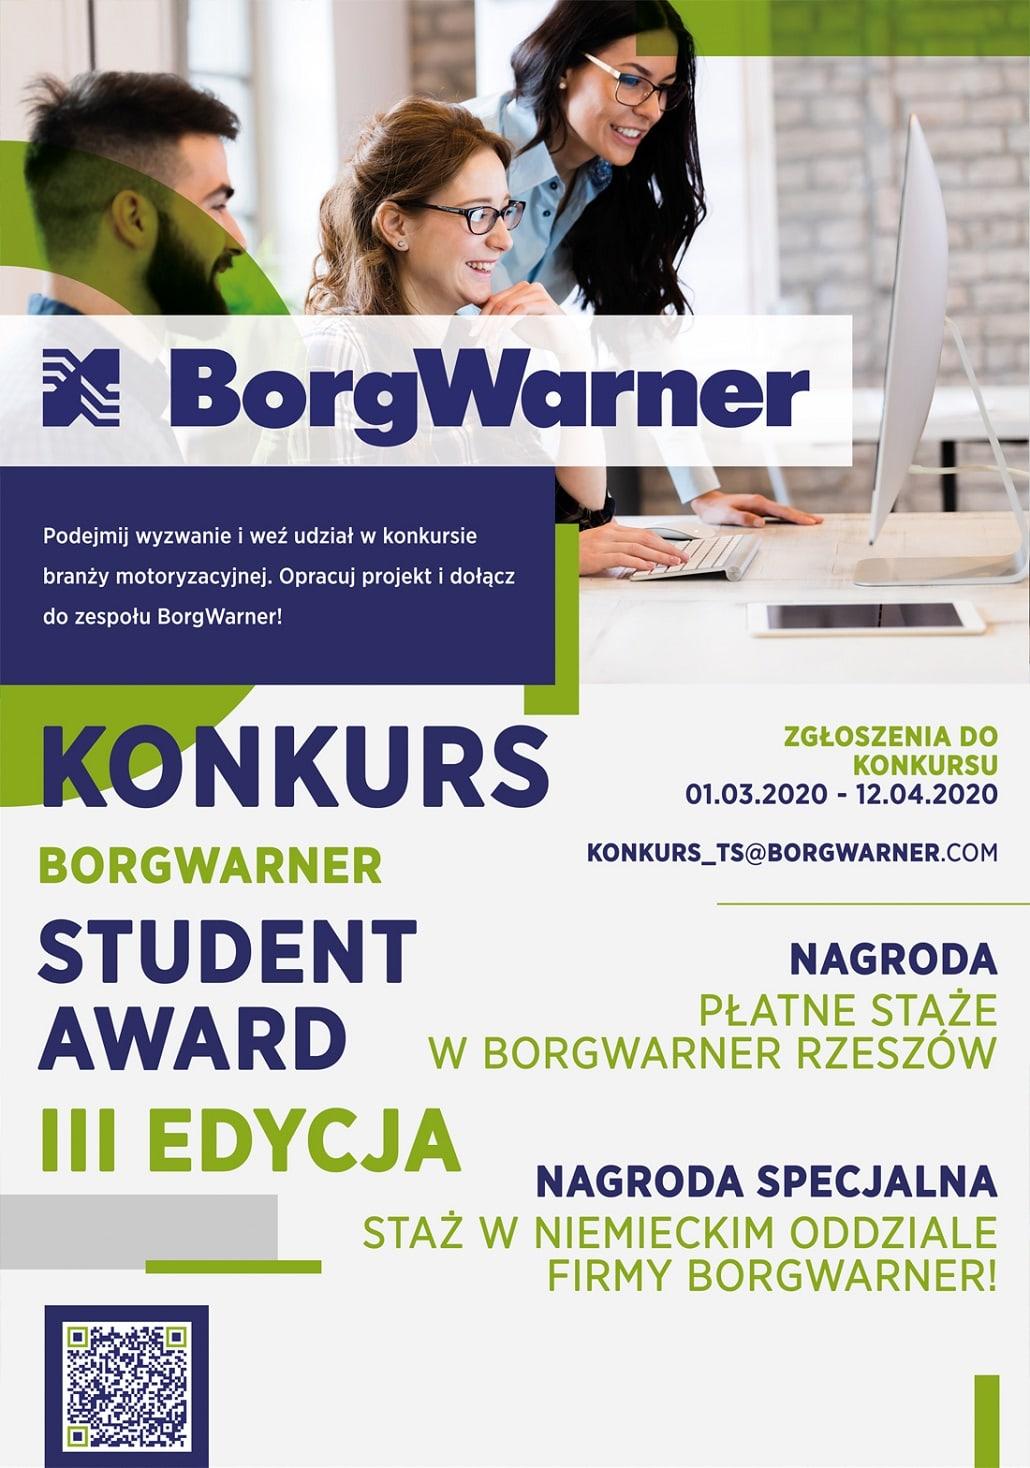 BorgWarner konkurs 2020 plakat baner